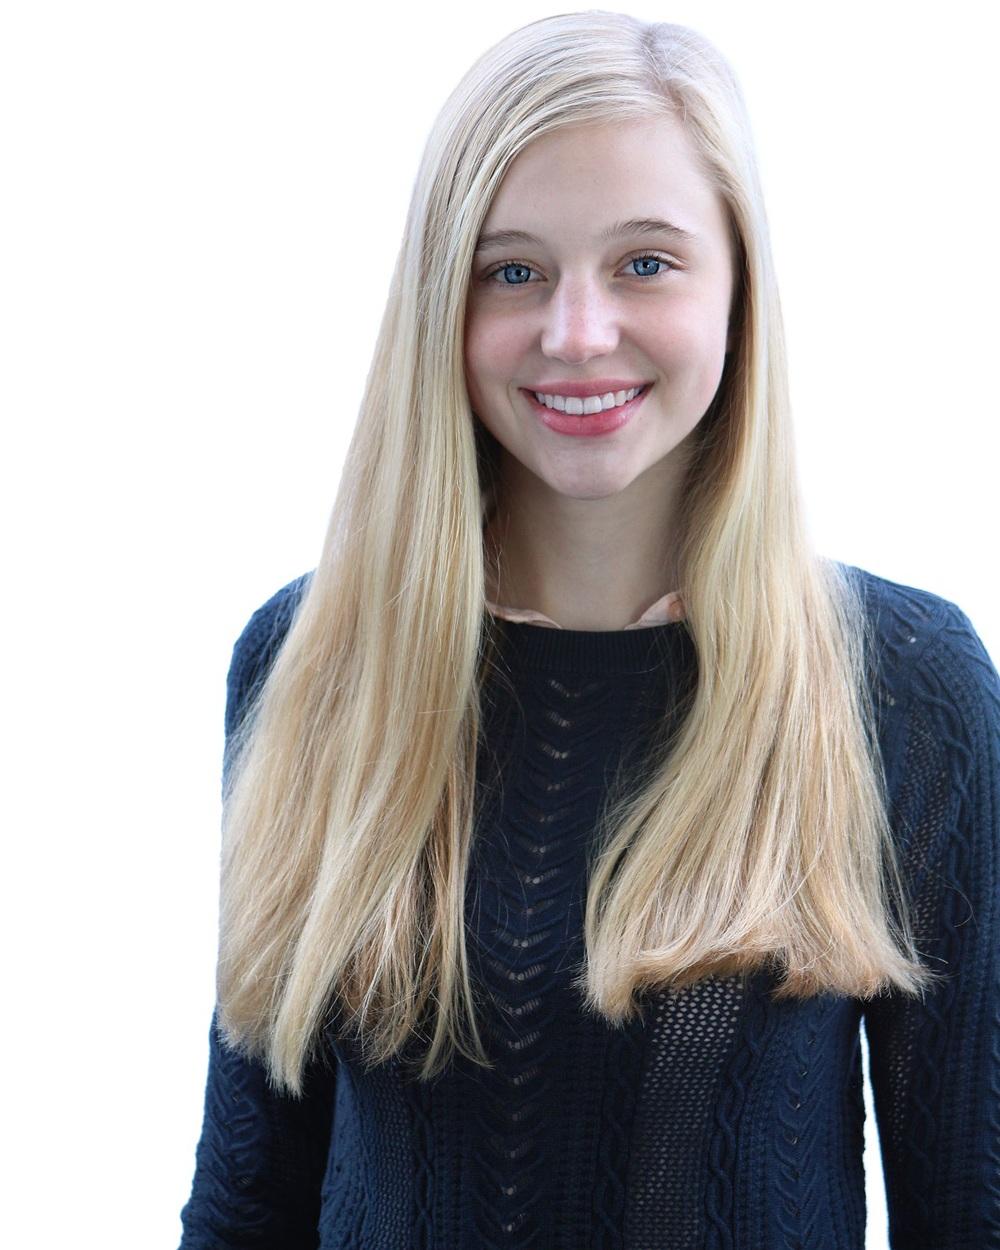 Jessica Flaum by Breanna Baker 4 web.jpg